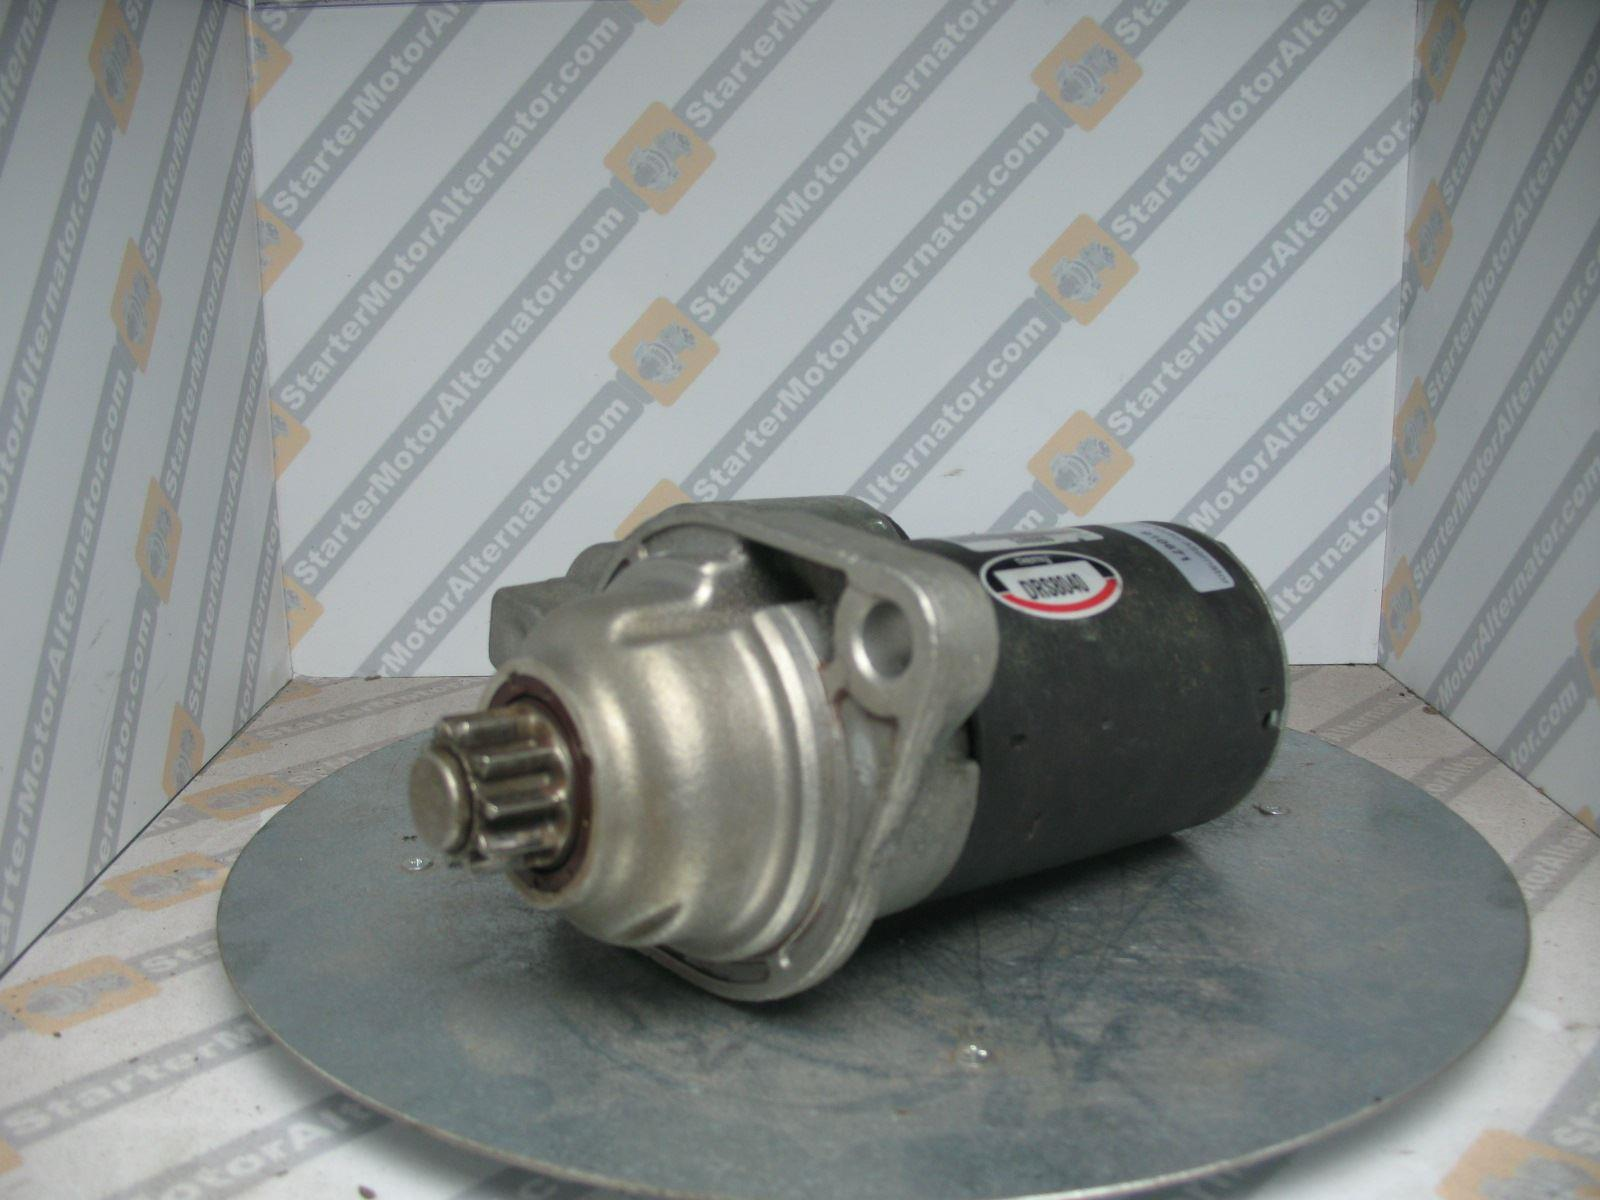 XIS1278 Starter Motor For Audi / Ford / Seat / Skoda / Volkswagen